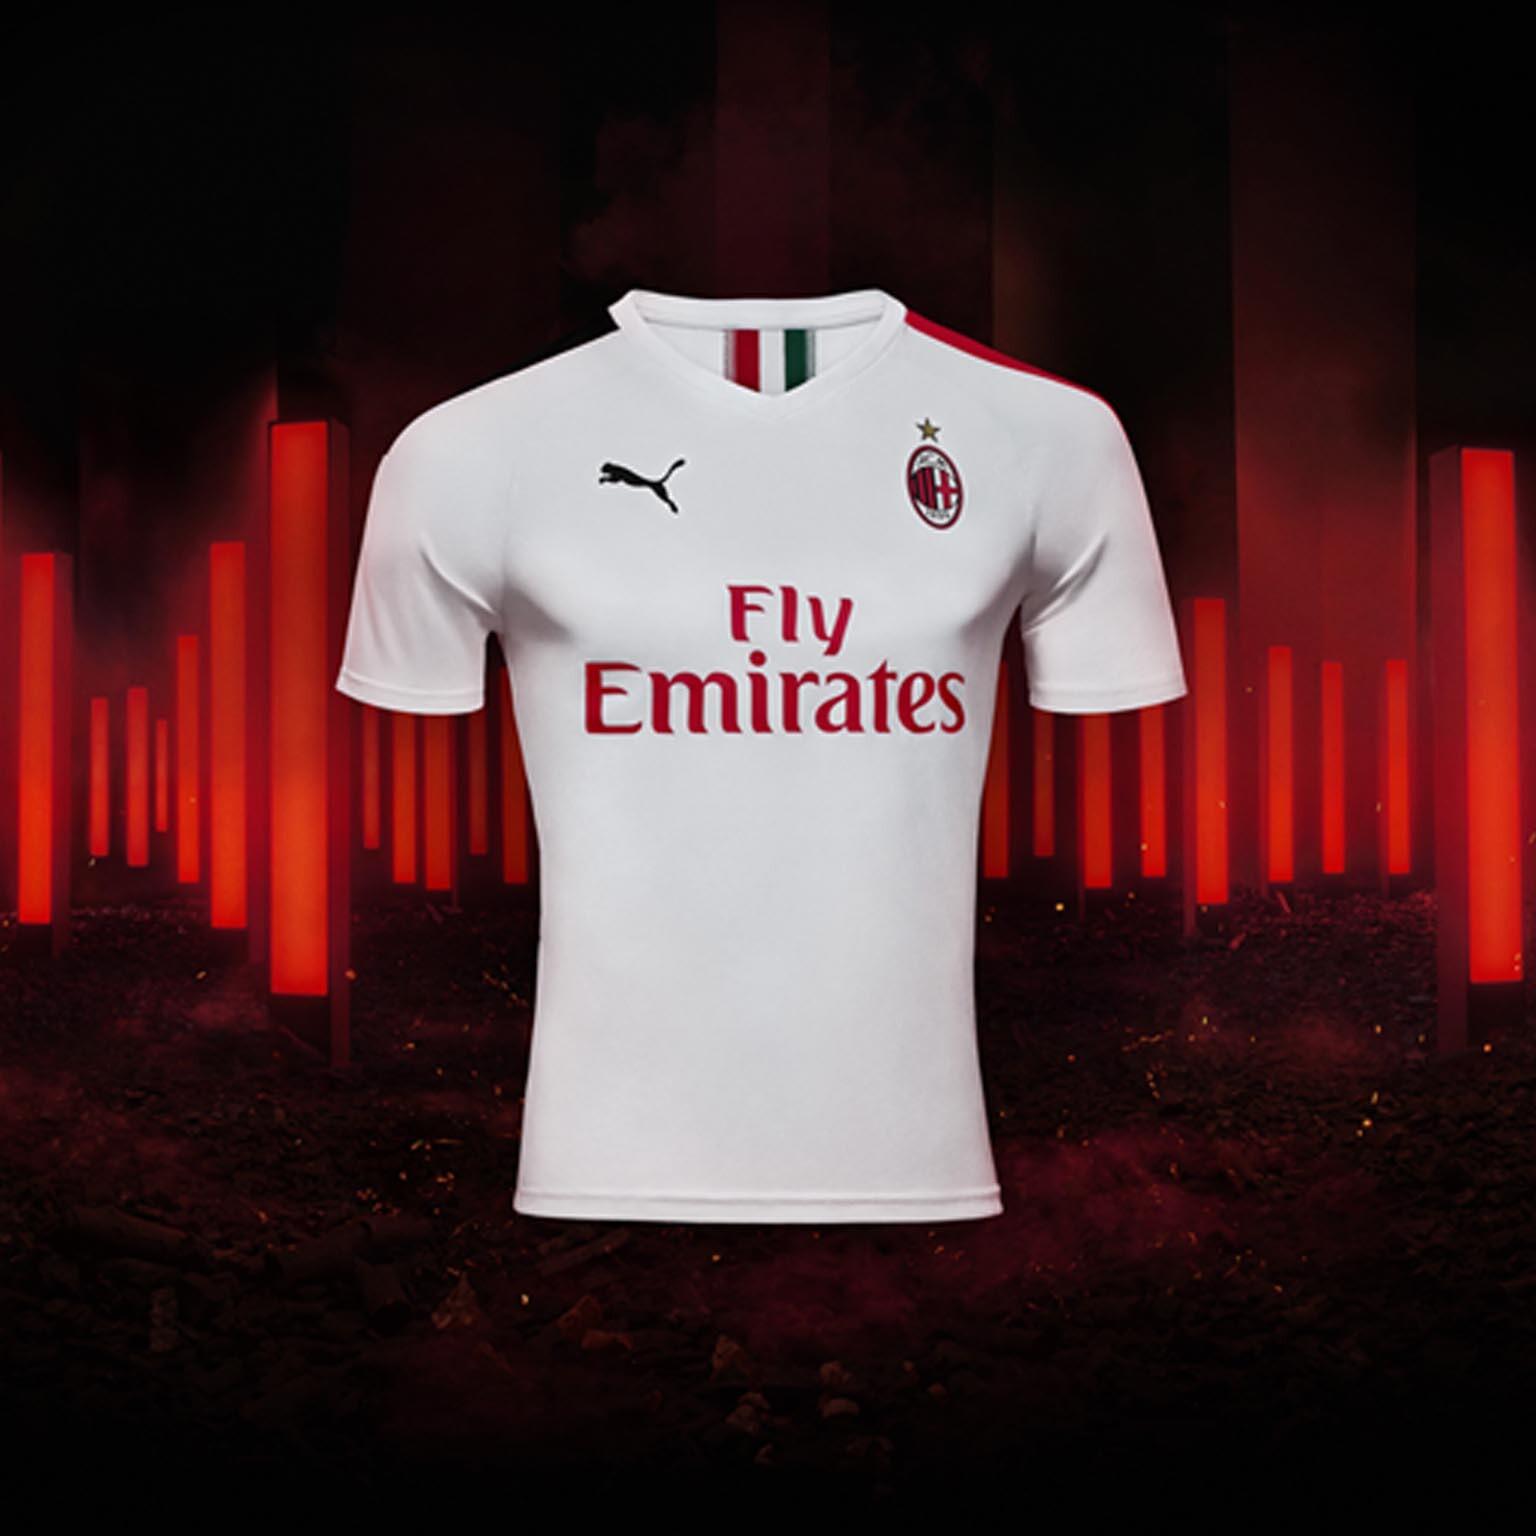 buy online ed486 d1736 AC Milan: A New Milan | AC Milan Kits, Jerseys, Shirts ...